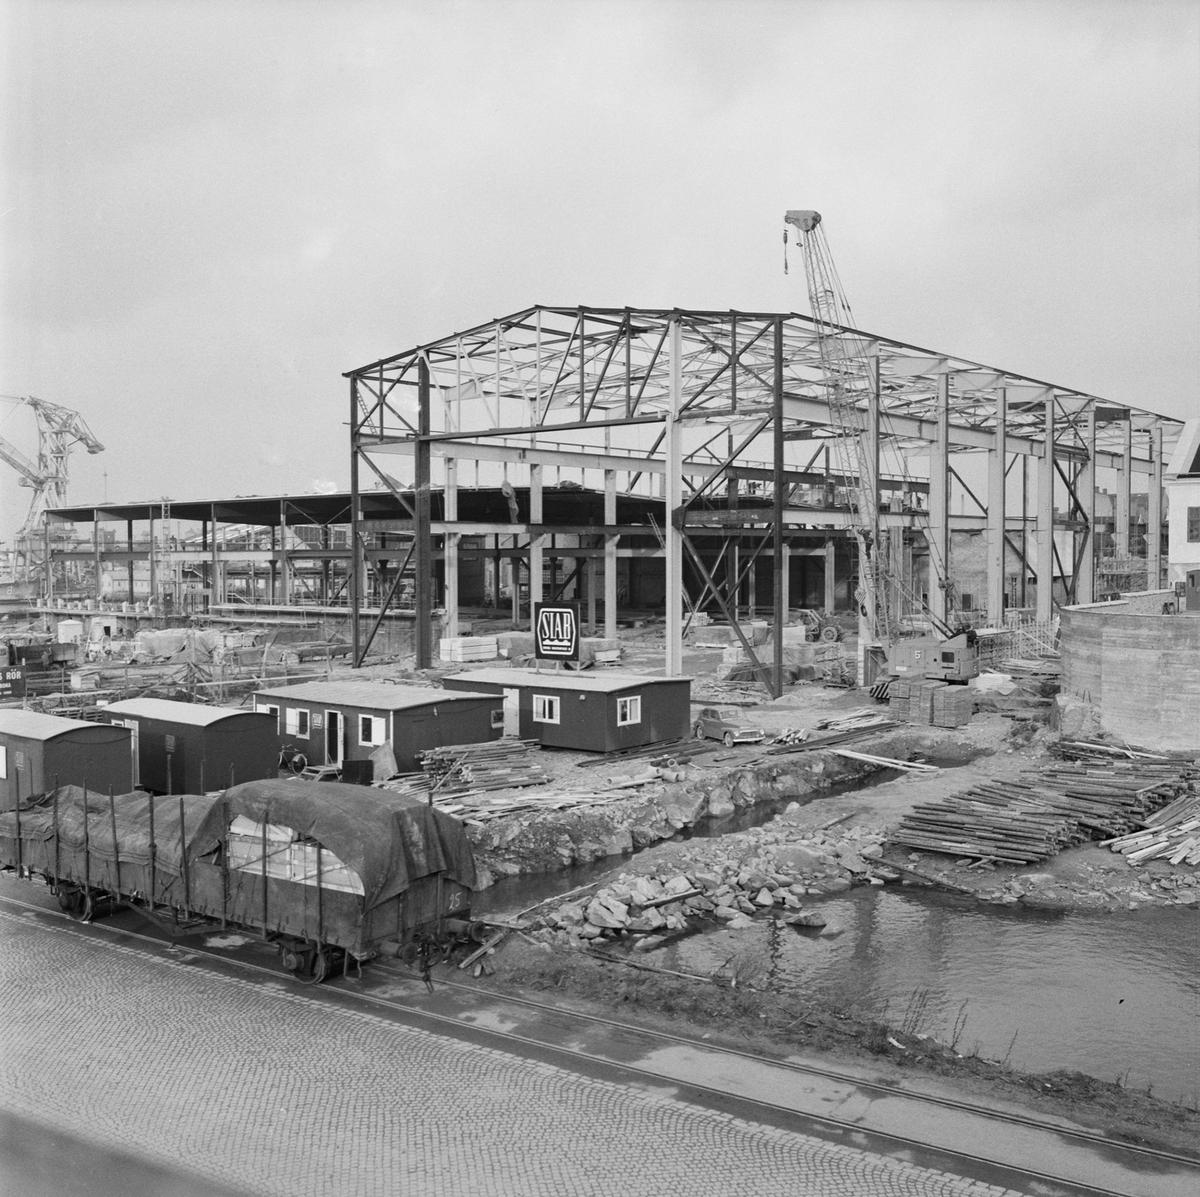 Övrigt: Fotodatum:15/11 1962. Byggnader och Kranar. Nybyggnations område. Kraftcentralen och Plåtverkstan